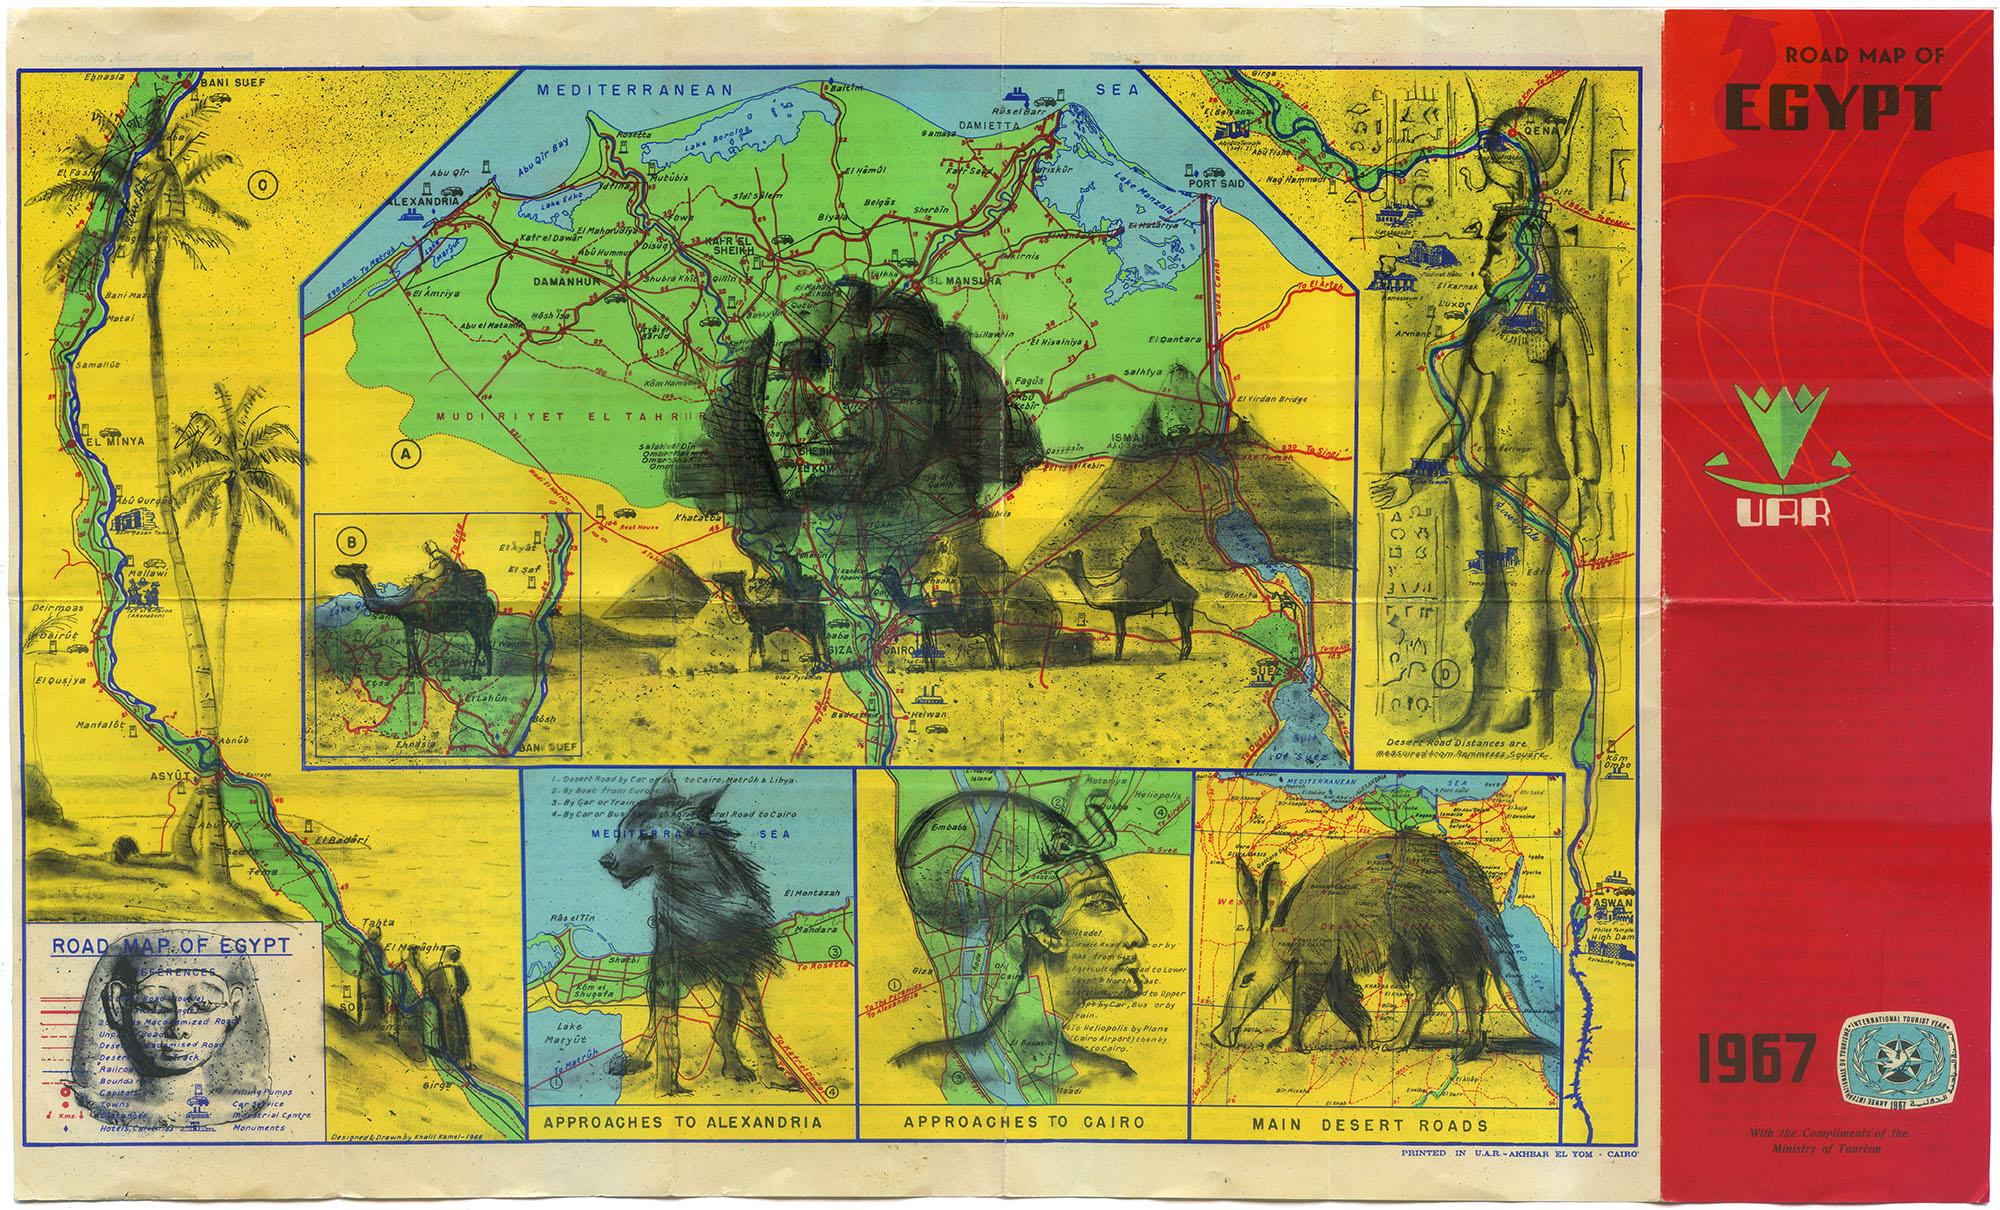 The full 1967 map of Egypt